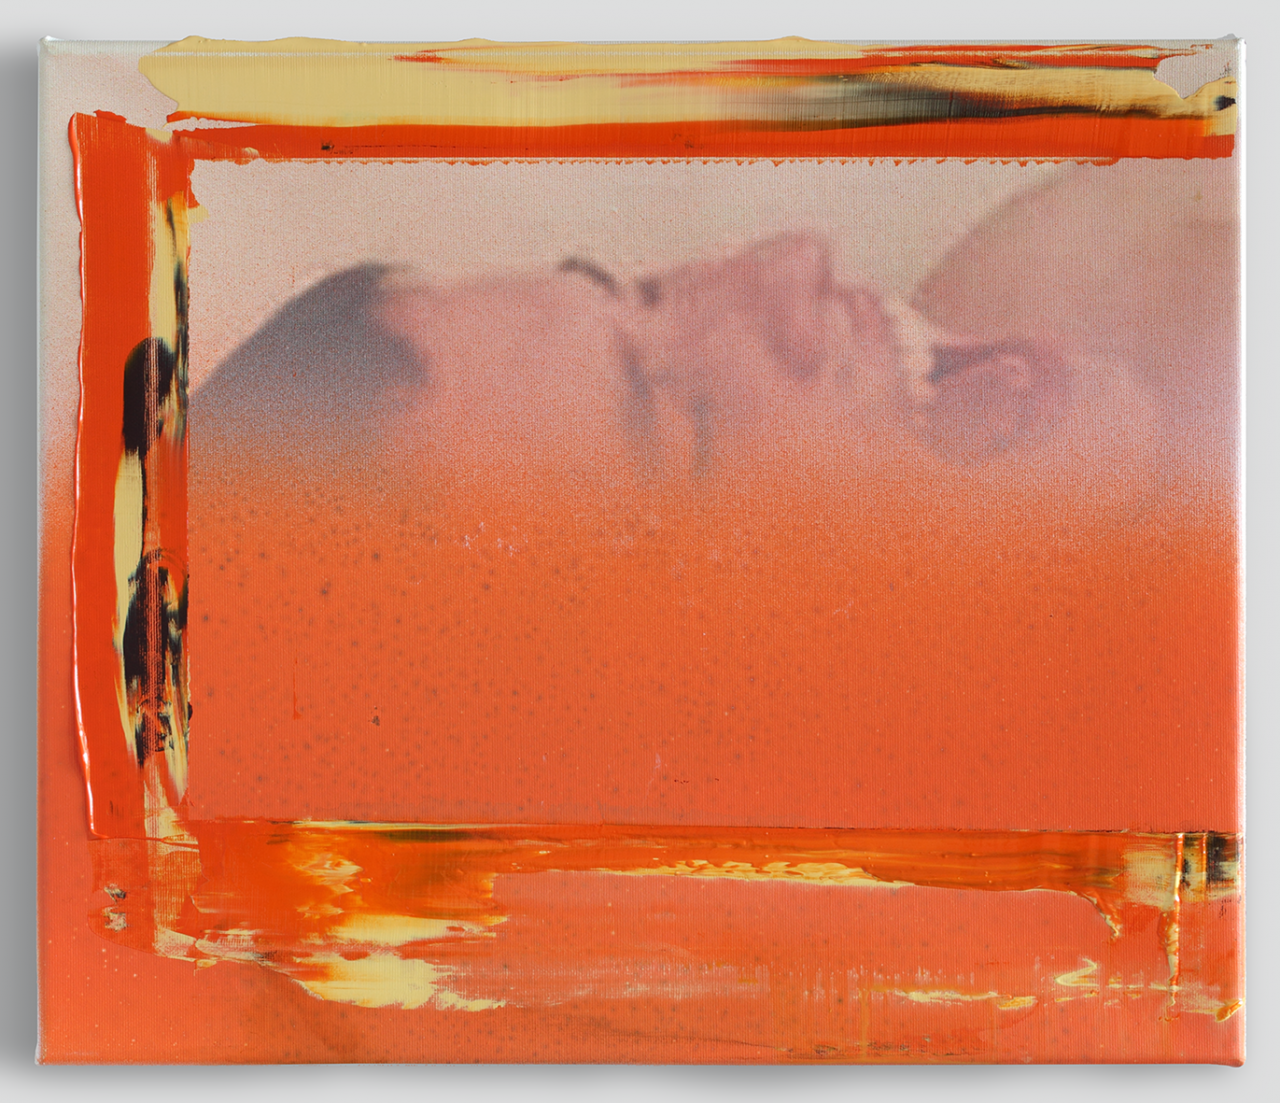 Inbox 2017 - 41 x 35cm, acrylic & inkjet on canvas